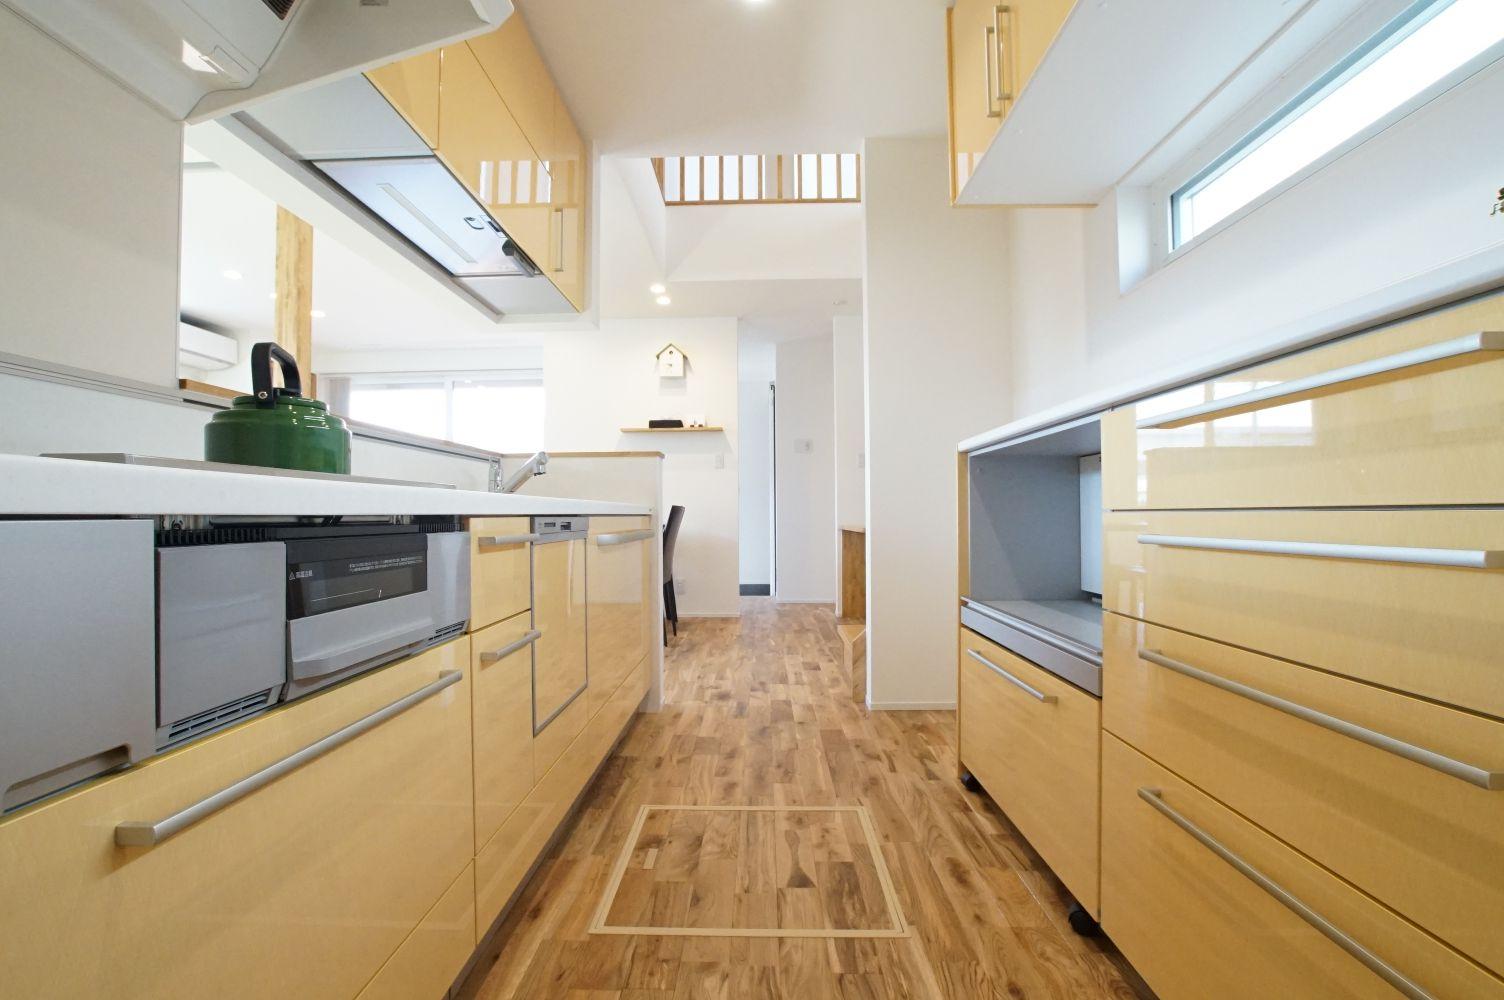 RIKYU (リキュー)【デザイン住宅、省エネ、インテリア】キッチンはイエローでポップな印象に